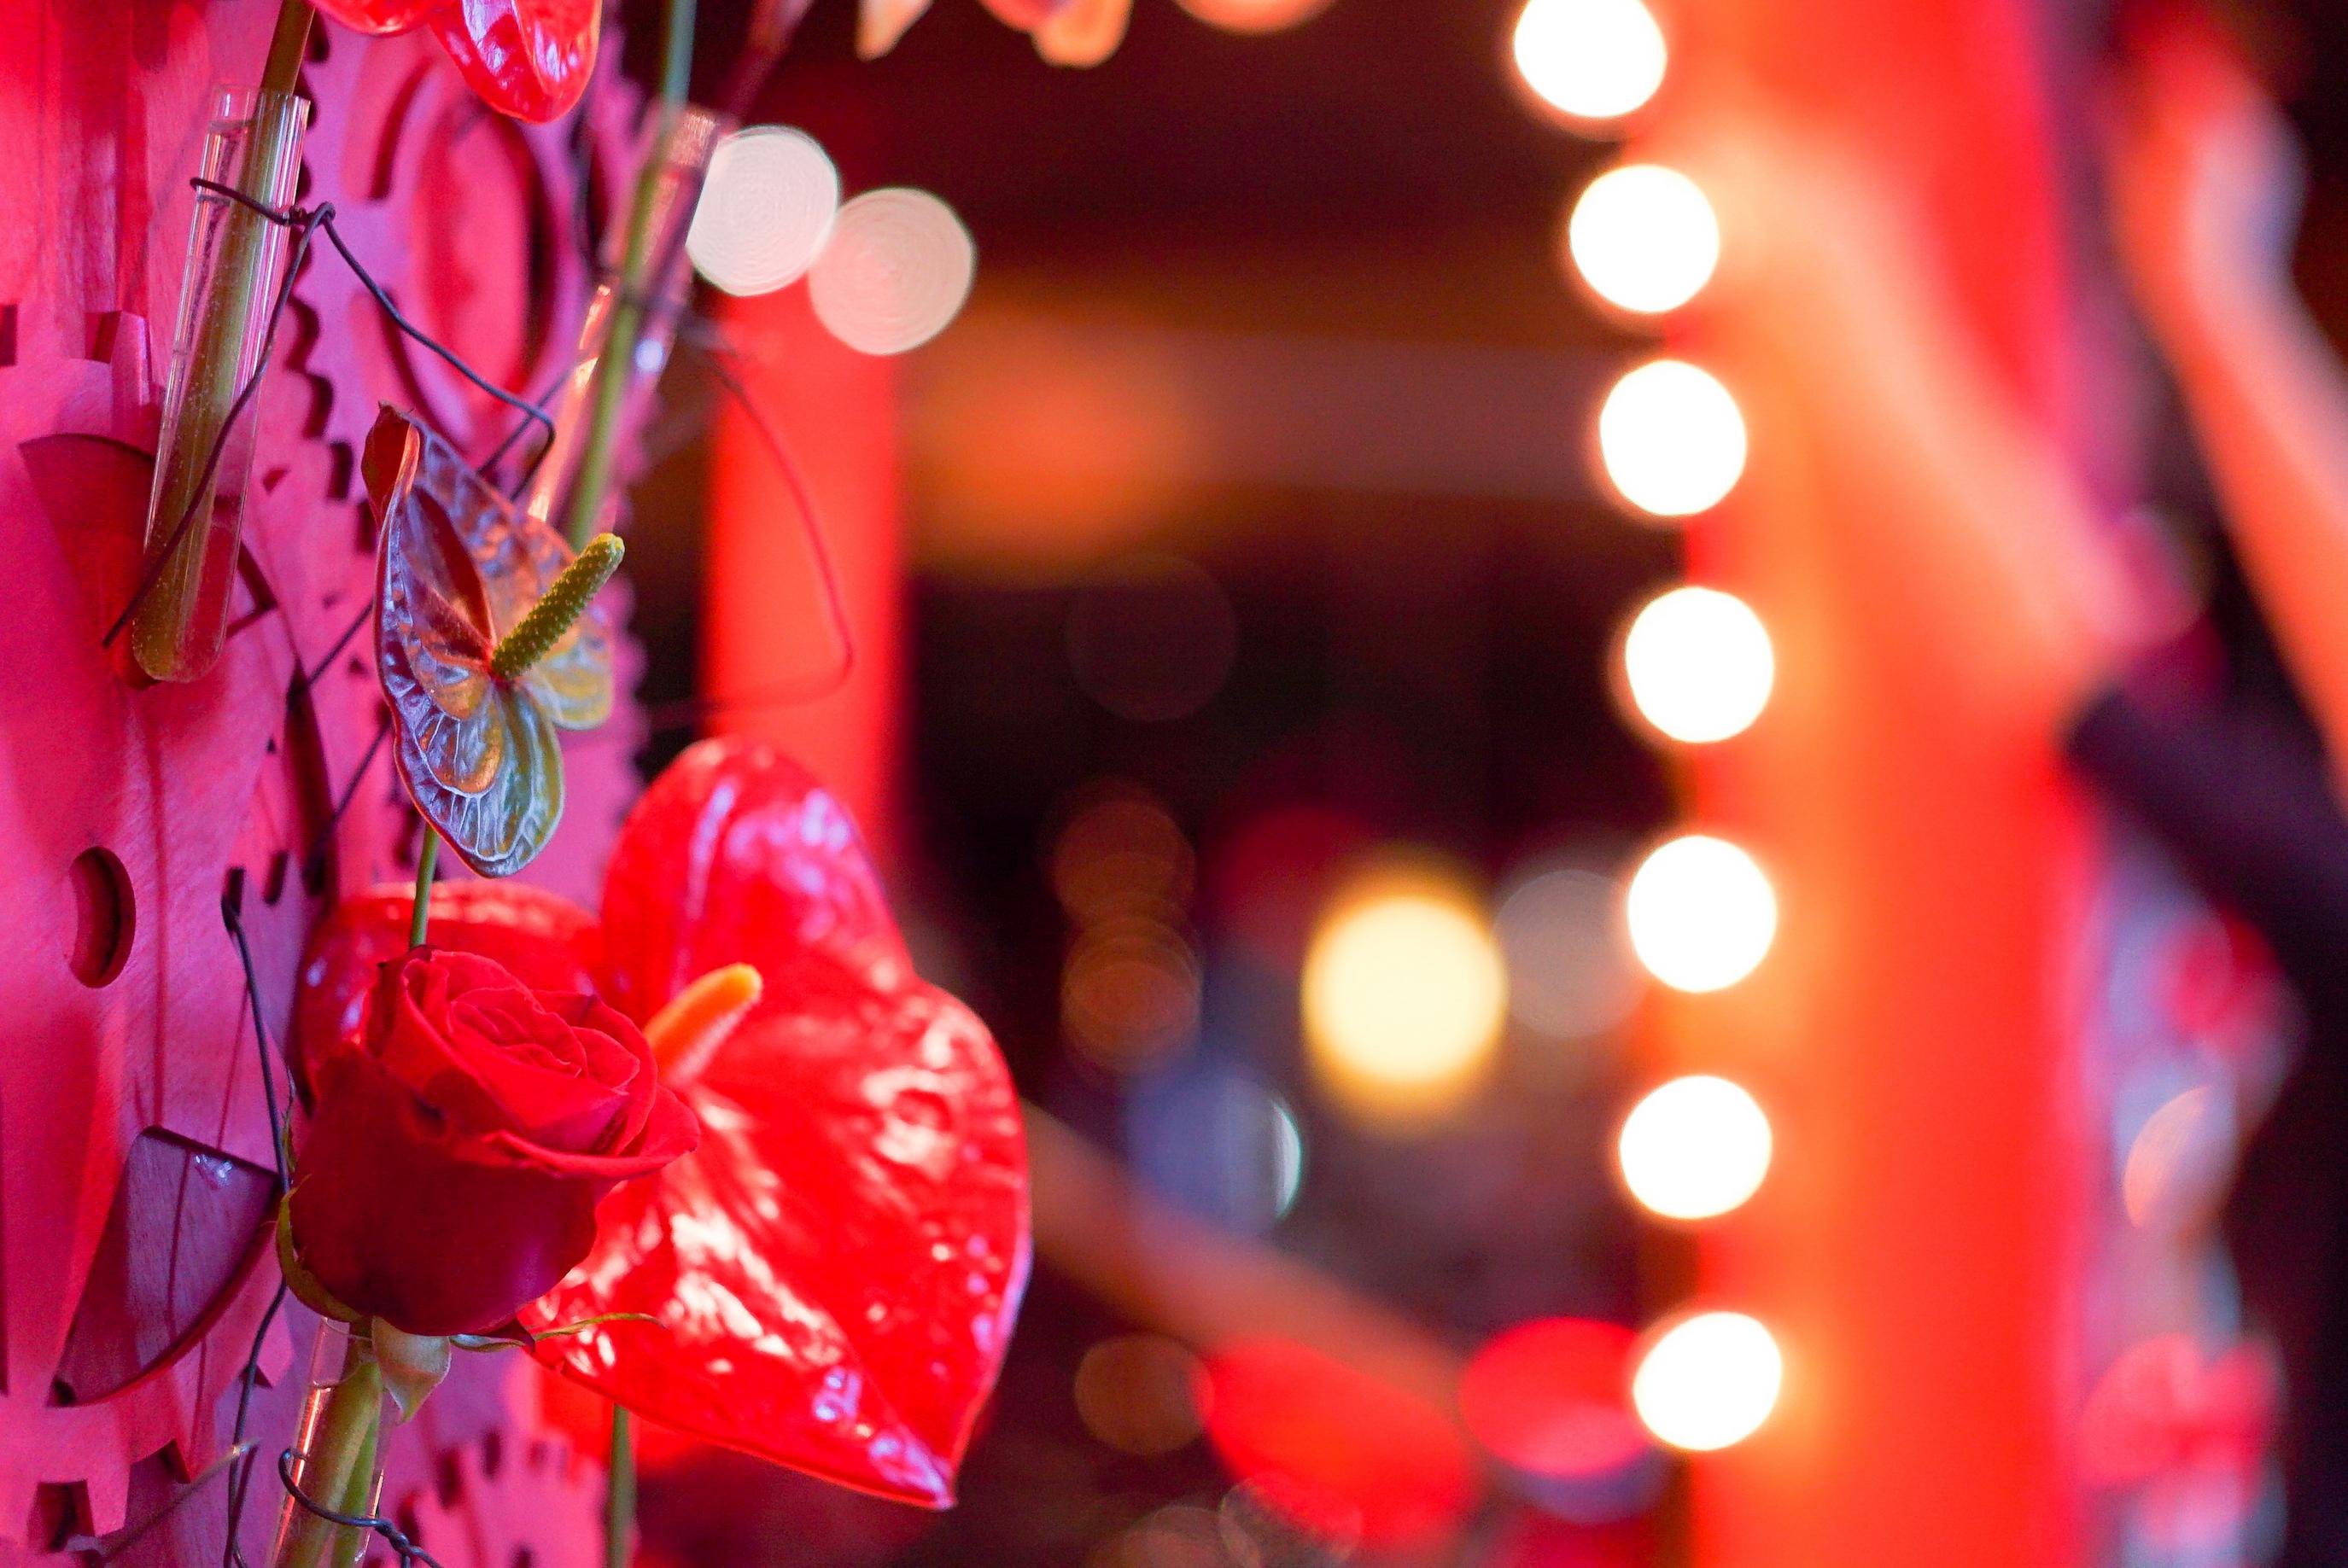 Флористика на Валентинов день